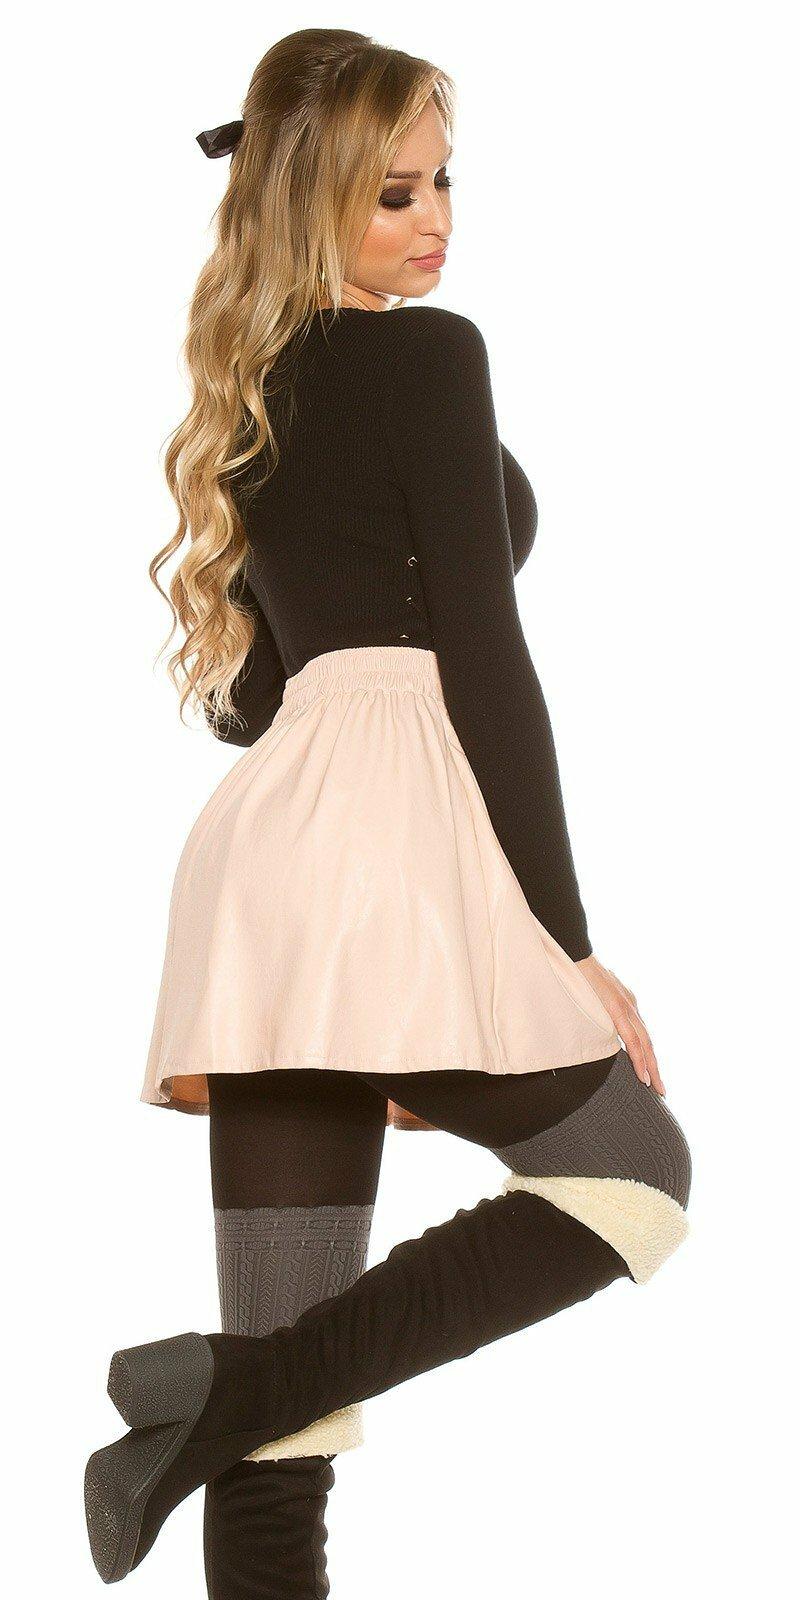 c5acf5228416 ... Nariasená sukňa koženého vzhľadu Bledá ružová ...